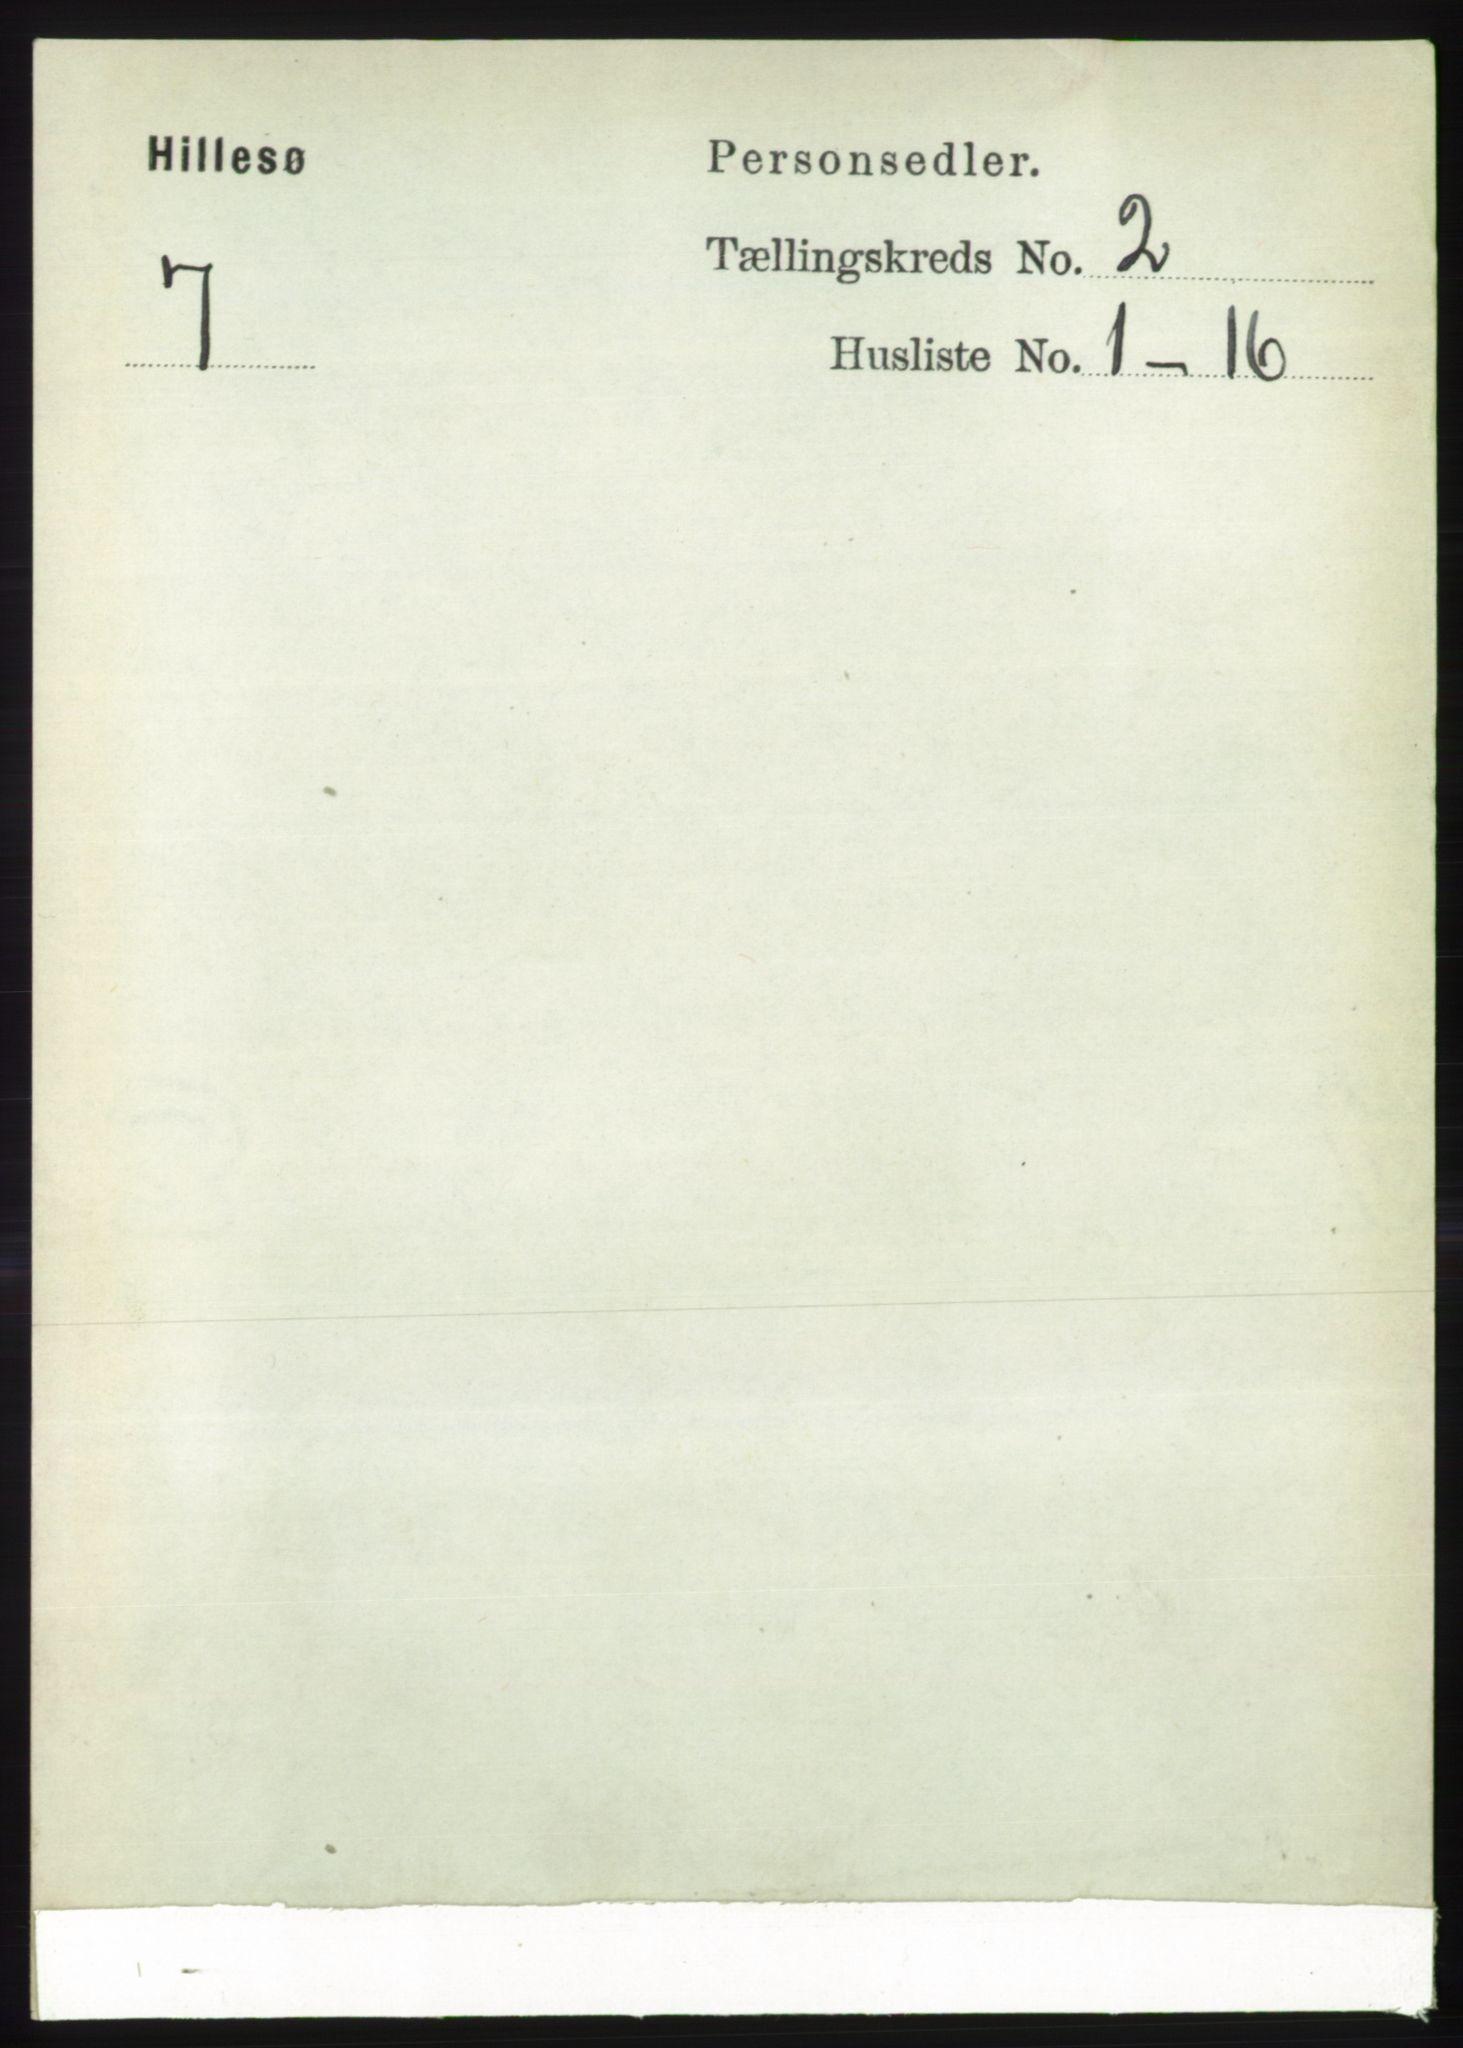 RA, Folketelling 1891 for 1930 Hillesøy herred, 1891, s. 628